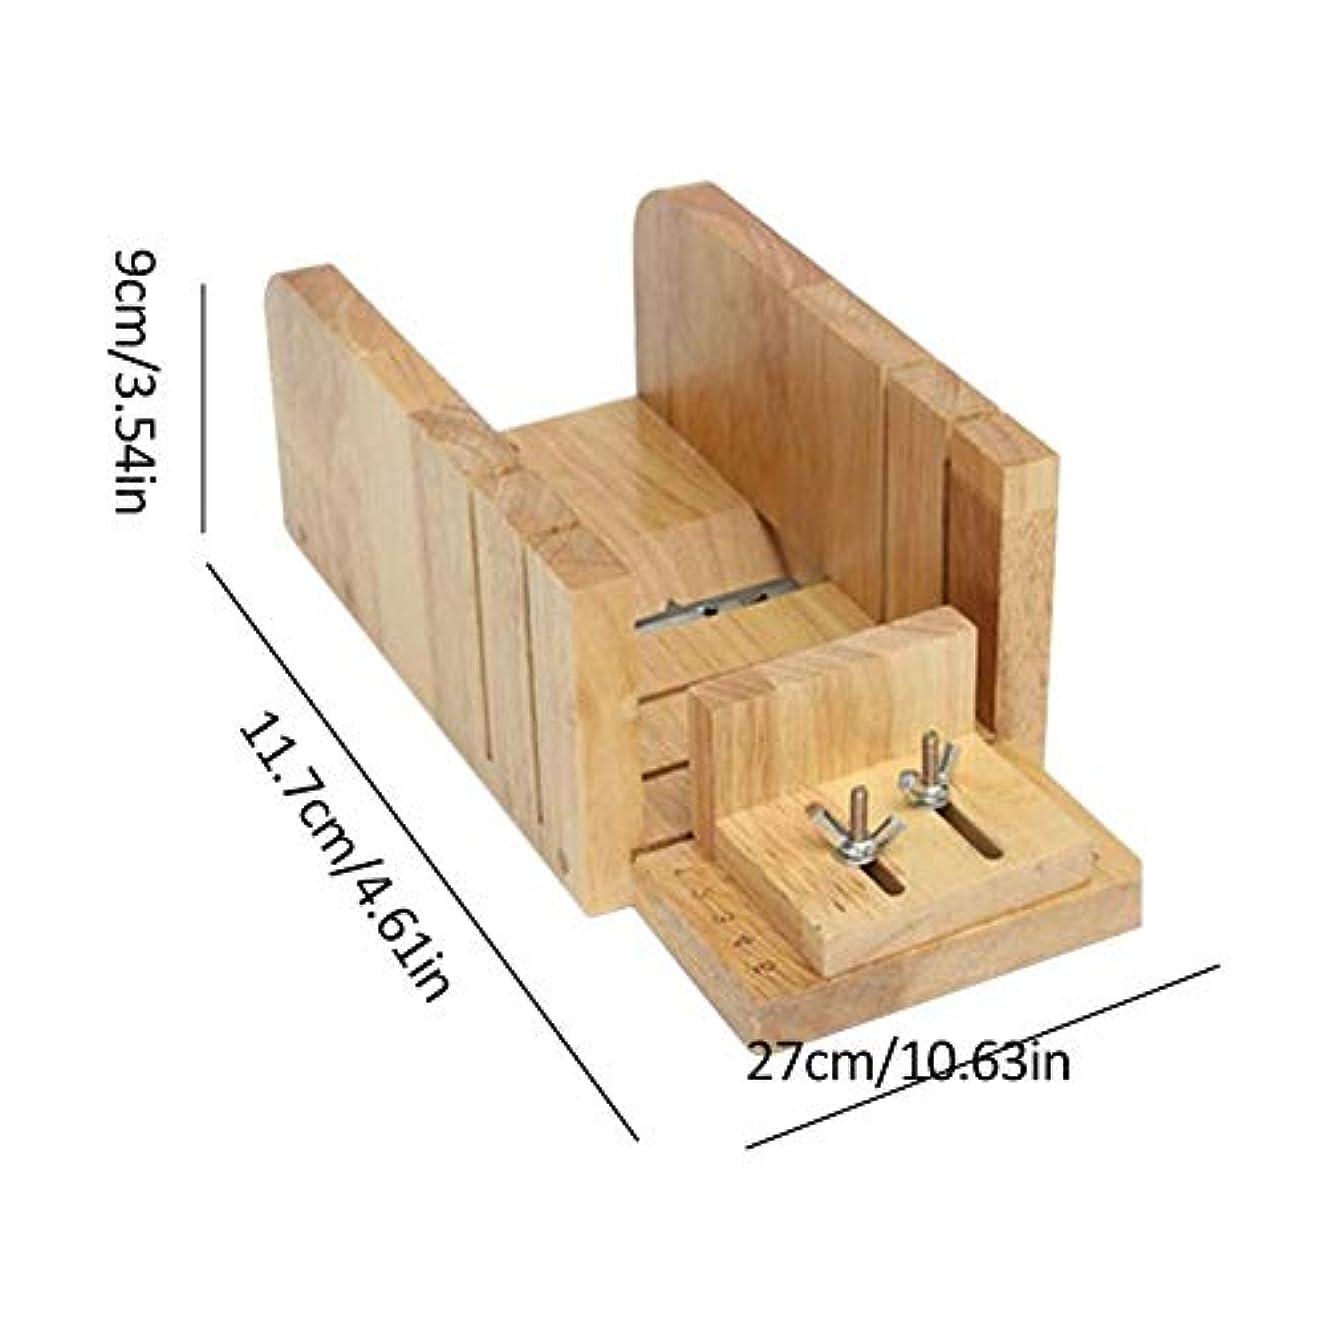 解決華氏顕微鏡3点セット ソープカッター 石けん金型ソープロープ カッター 木製 カッター ツールDIY 手作り 木製ボックス松木製 ストレートソープ包丁 ナイフ モールドソープ調整可能レトロ